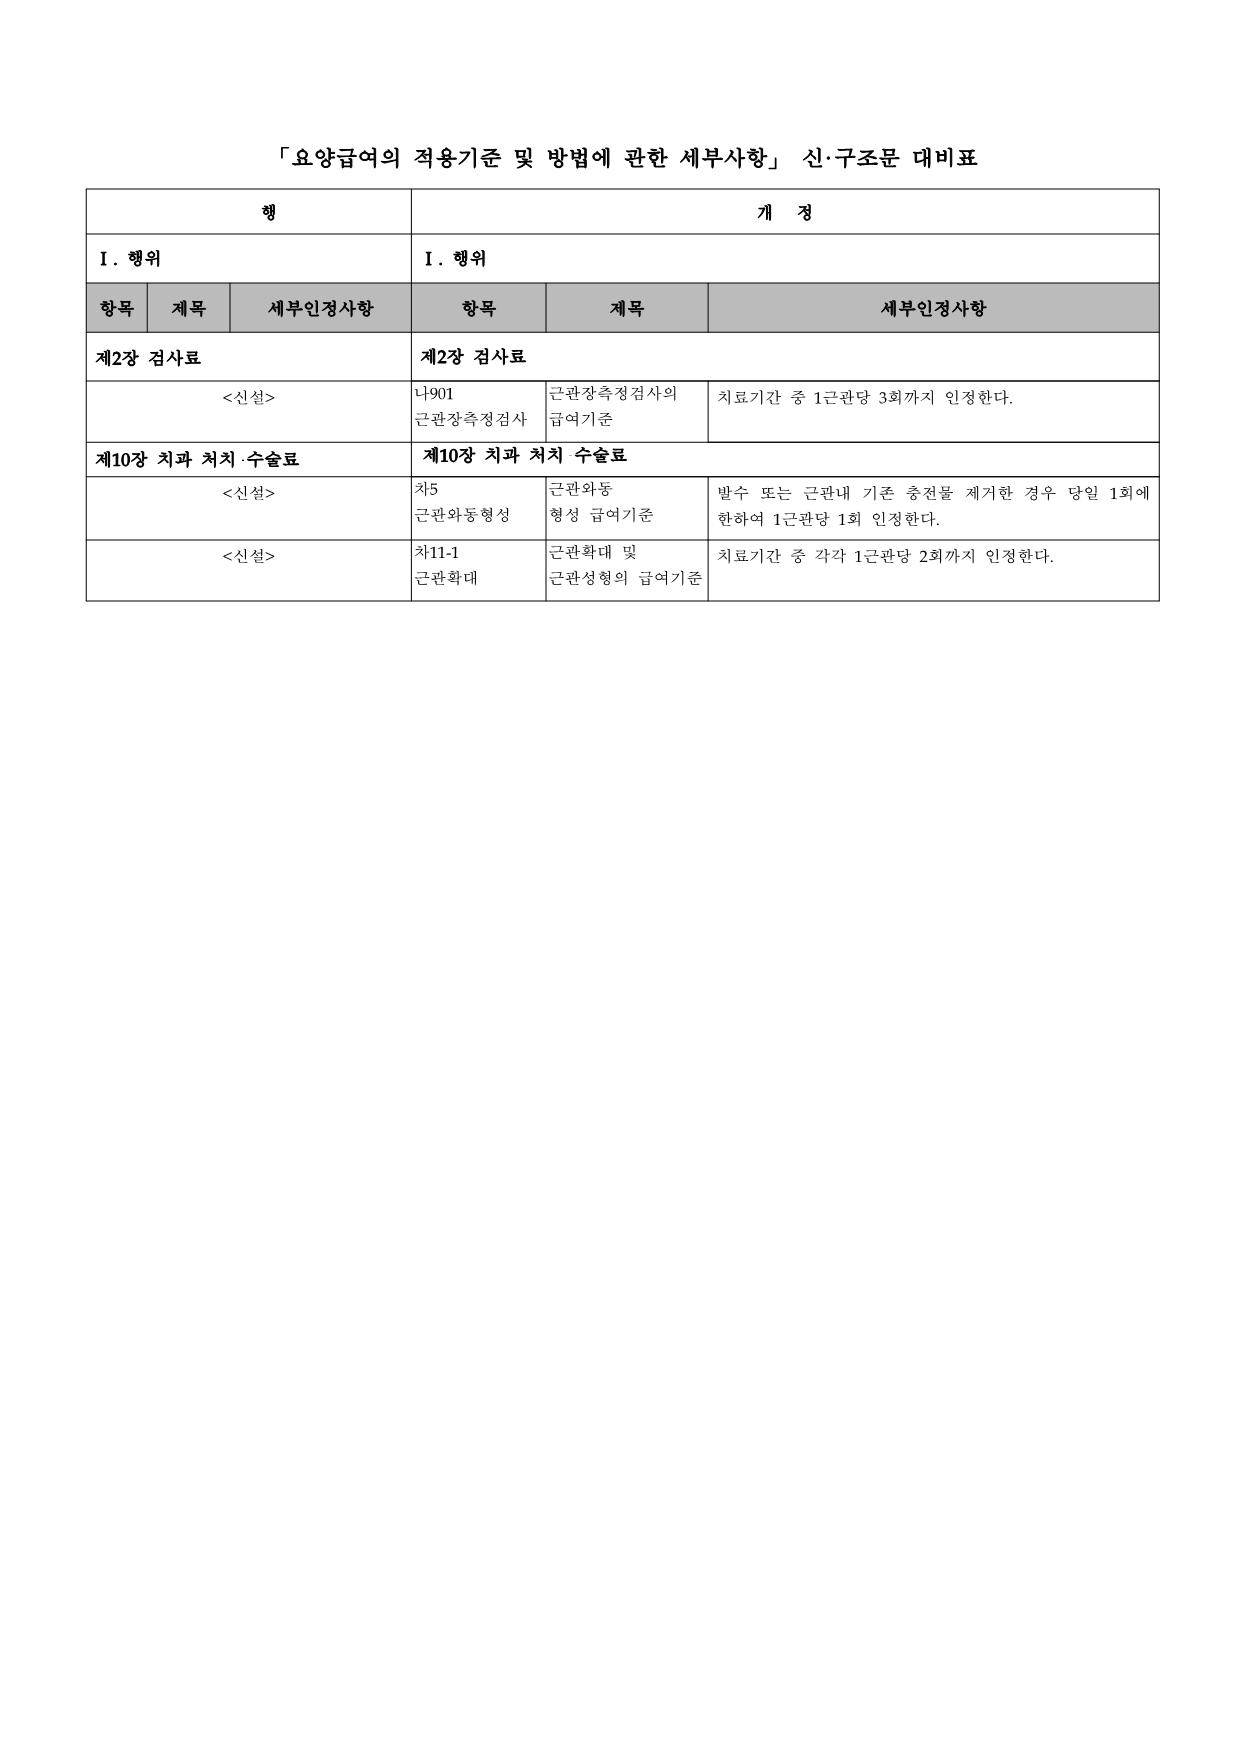 97d12a1e-cba5-40f7-b9de-5567ff97bc94.pdf-0002.jpg